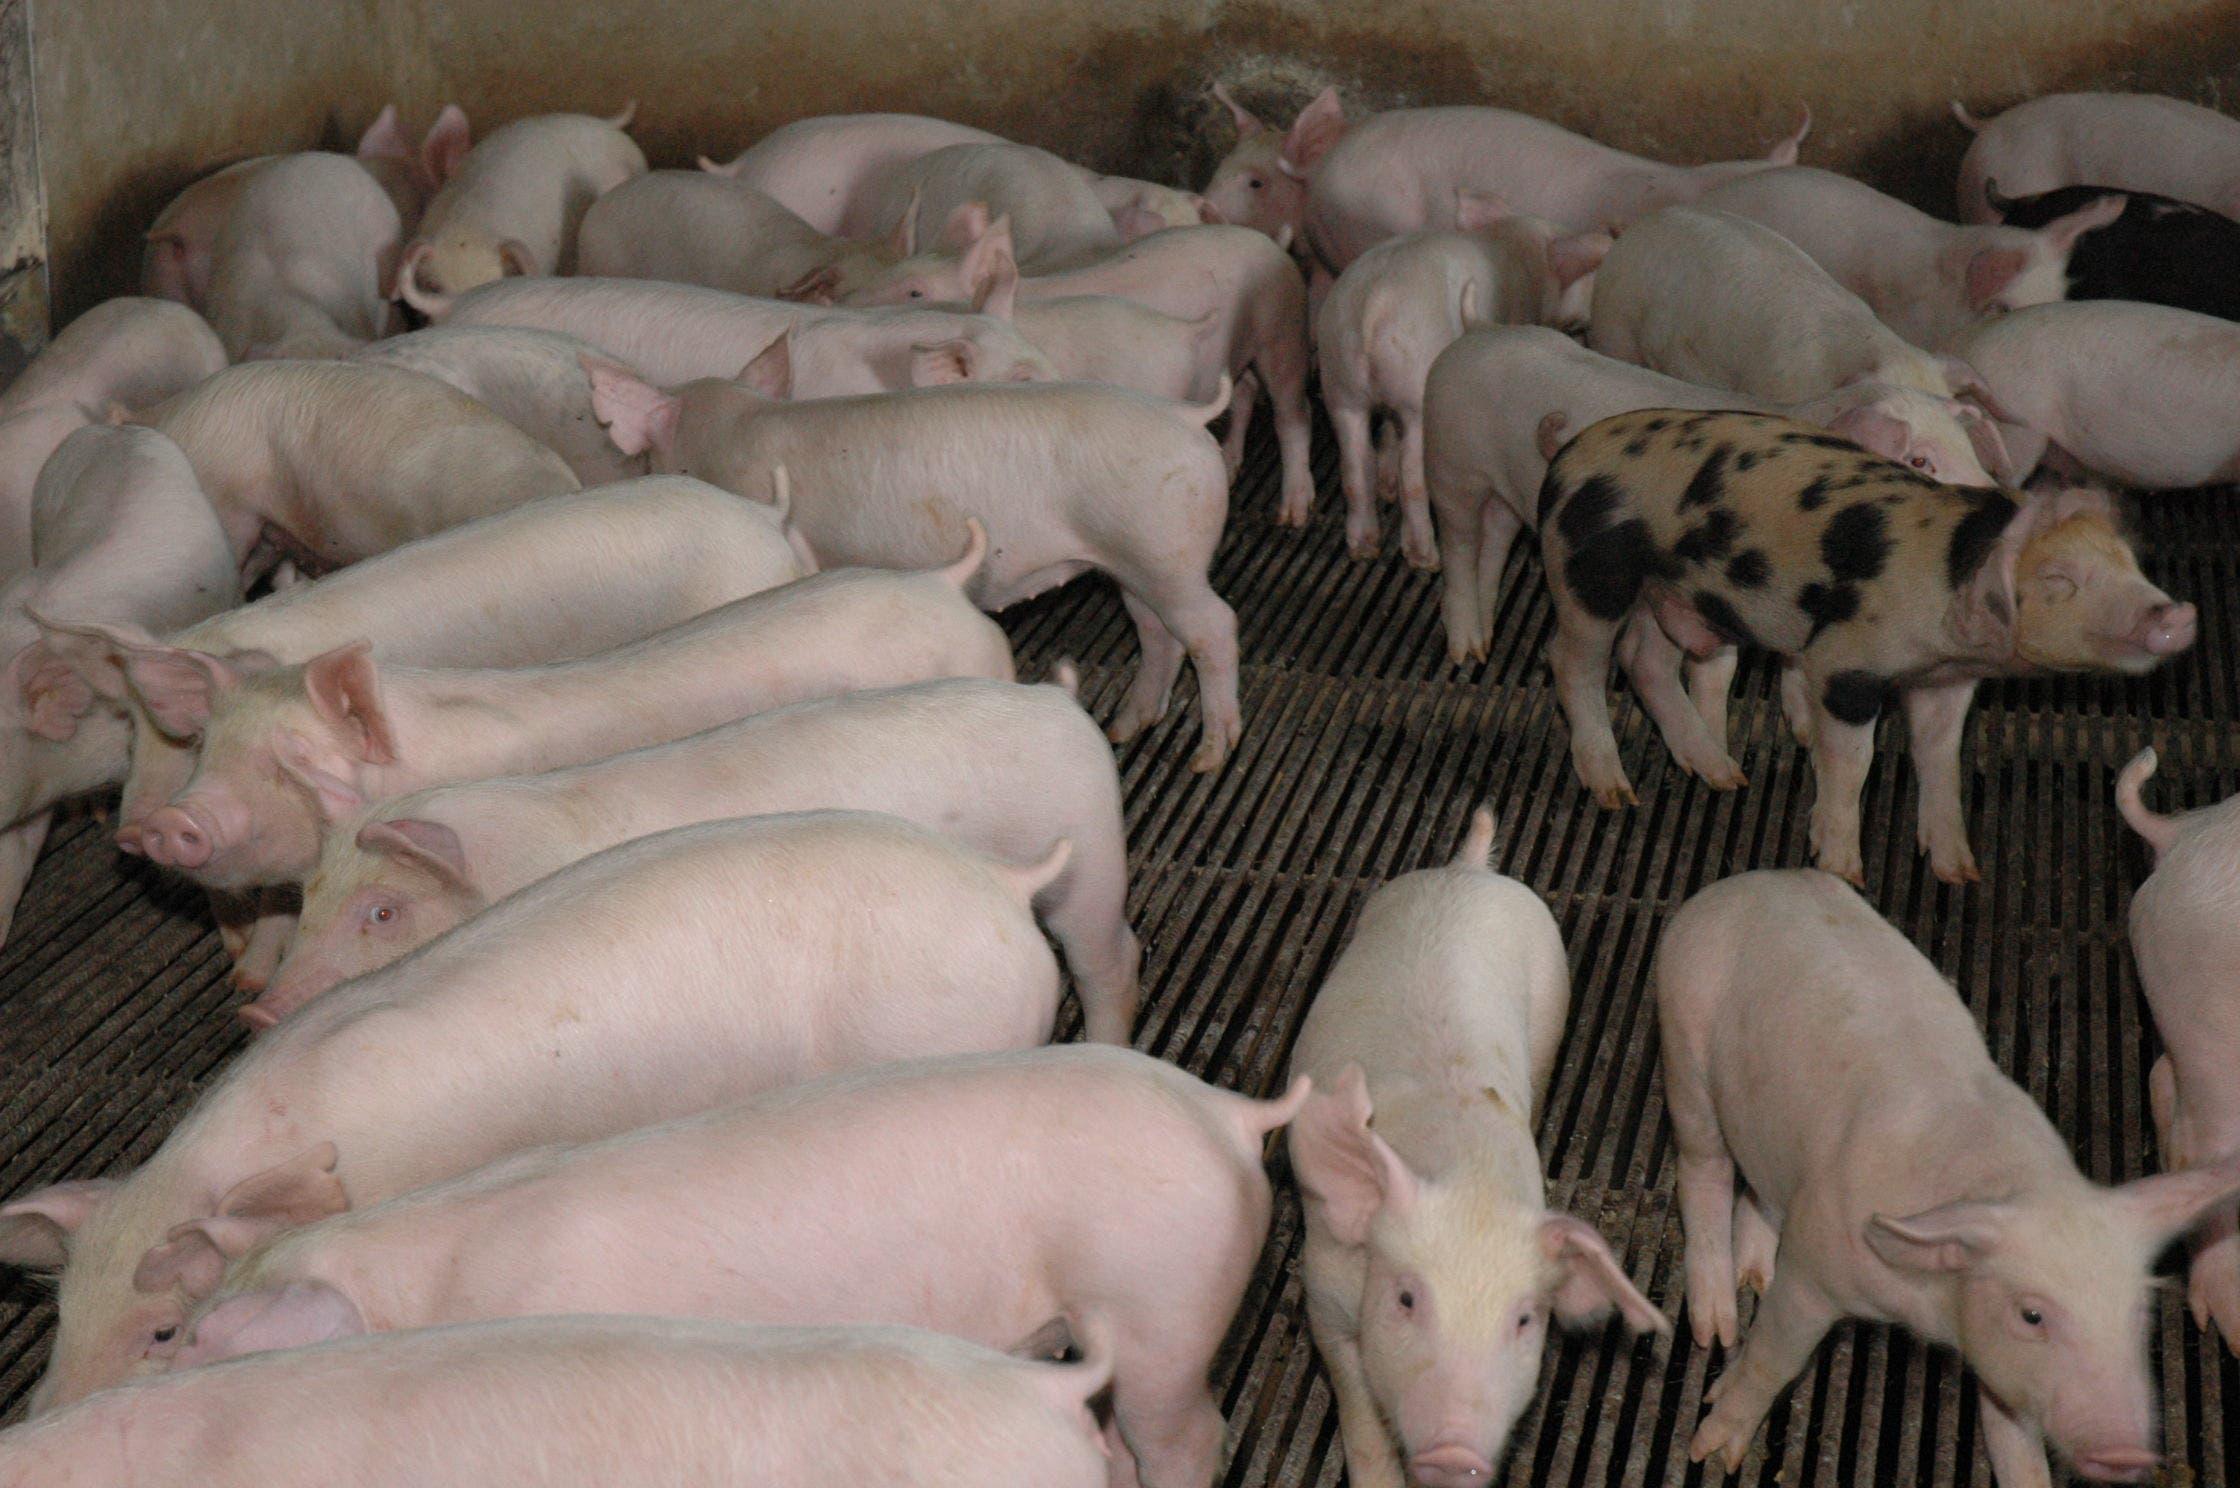 Experto dice debilidades cuarentenarias facilitaron introducción al país de peste porcina africana